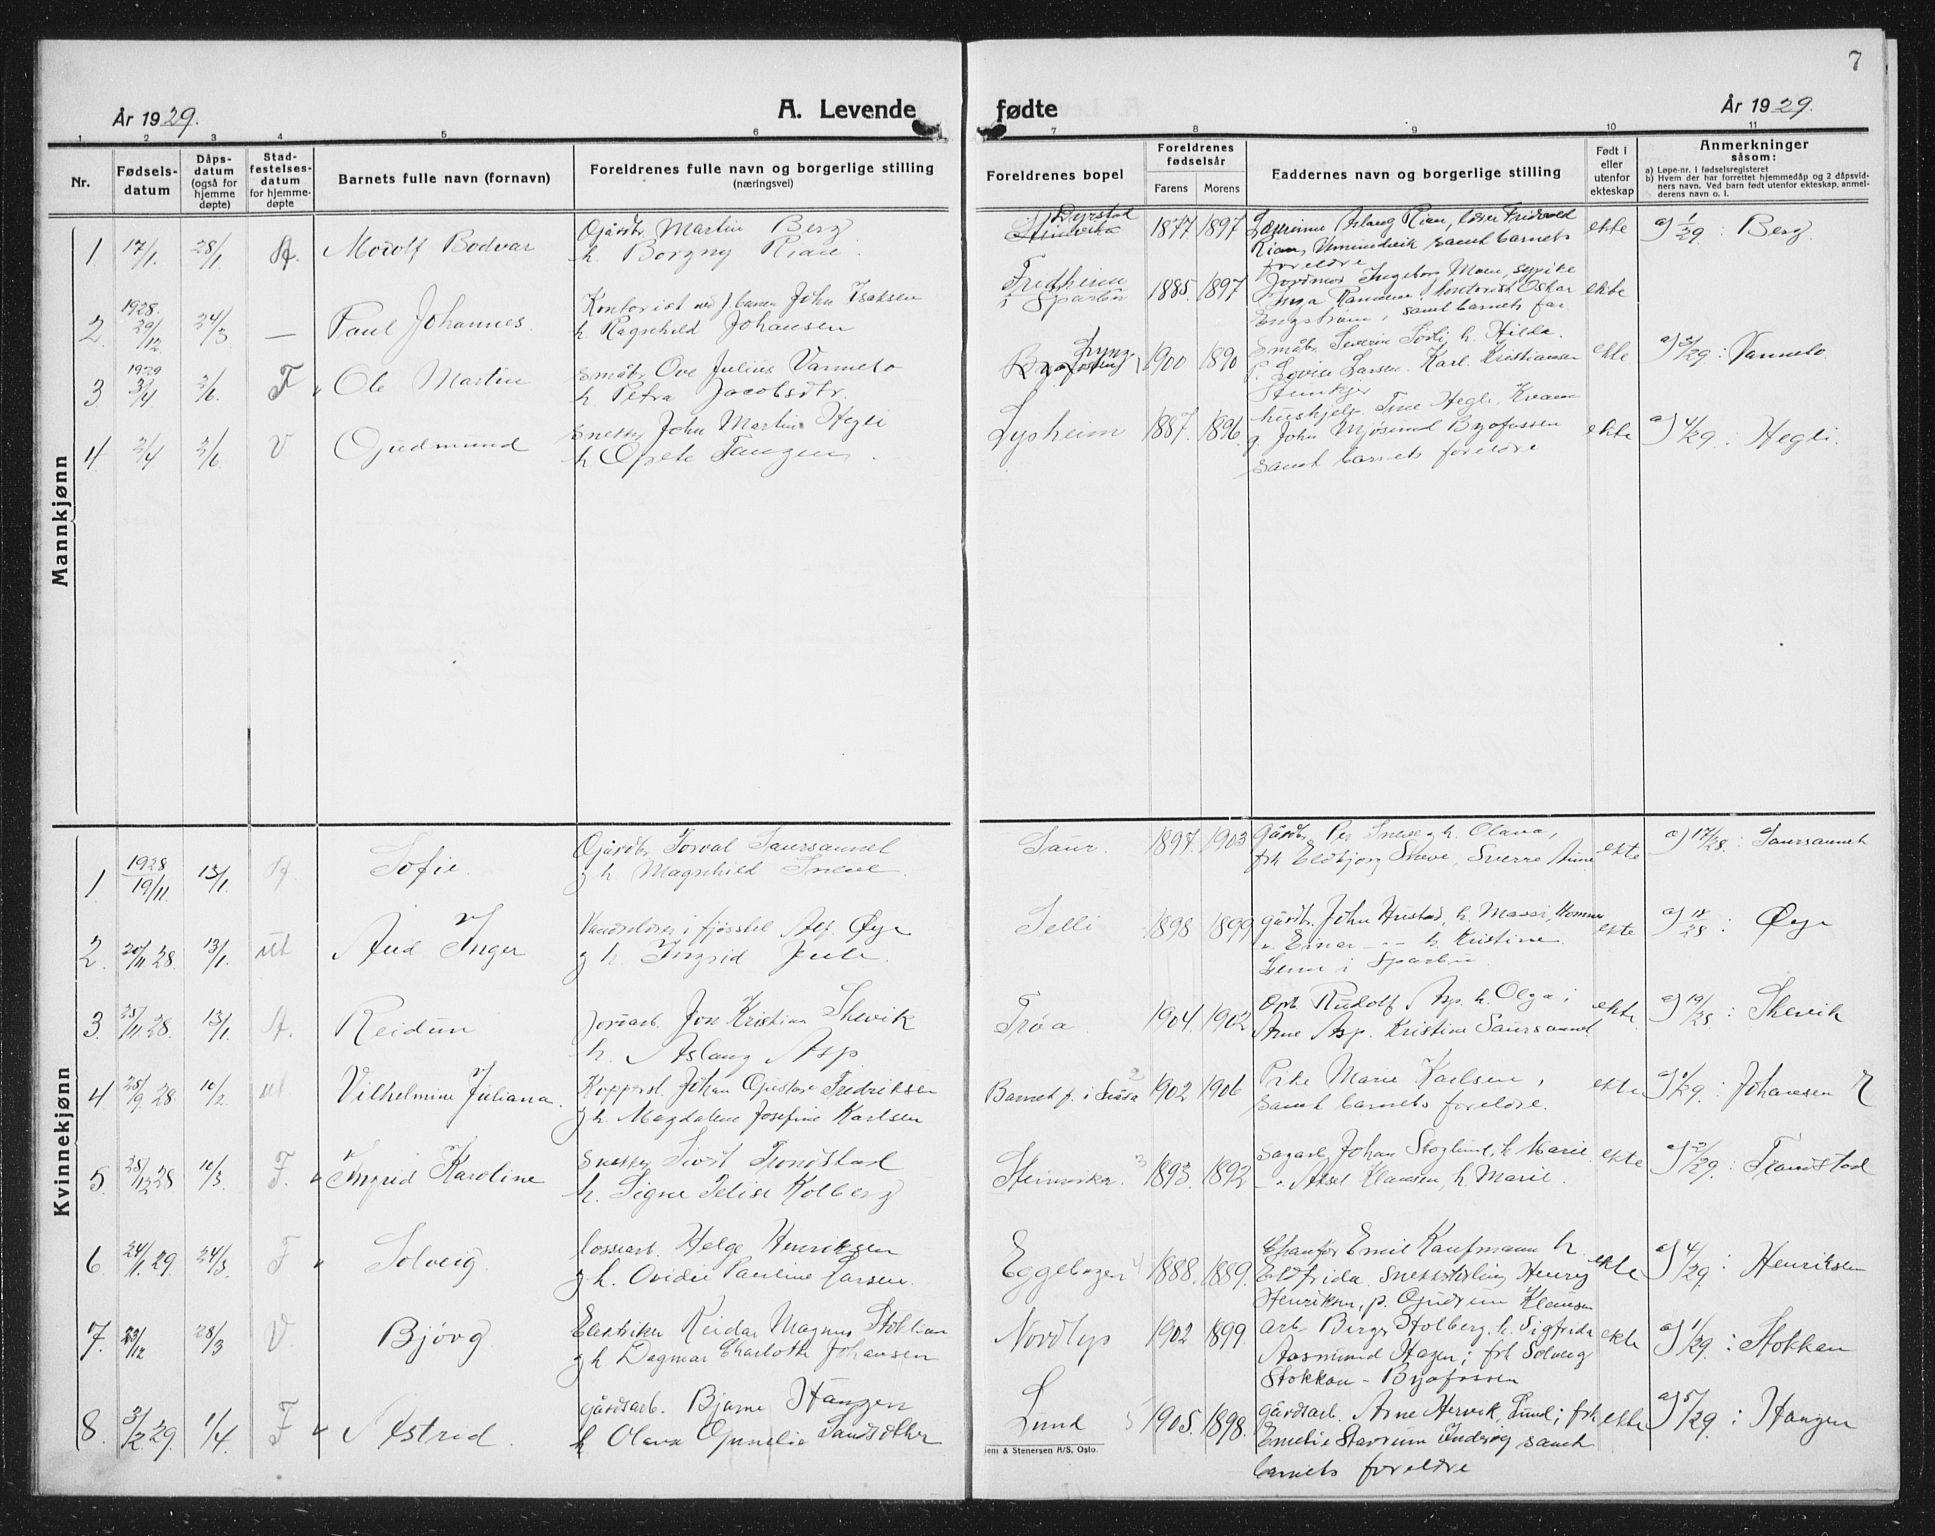 SAT, Ministerialprotokoller, klokkerbøker og fødselsregistre - Nord-Trøndelag, 740/L0383: Klokkerbok nr. 740C04, 1927-1939, s. 7